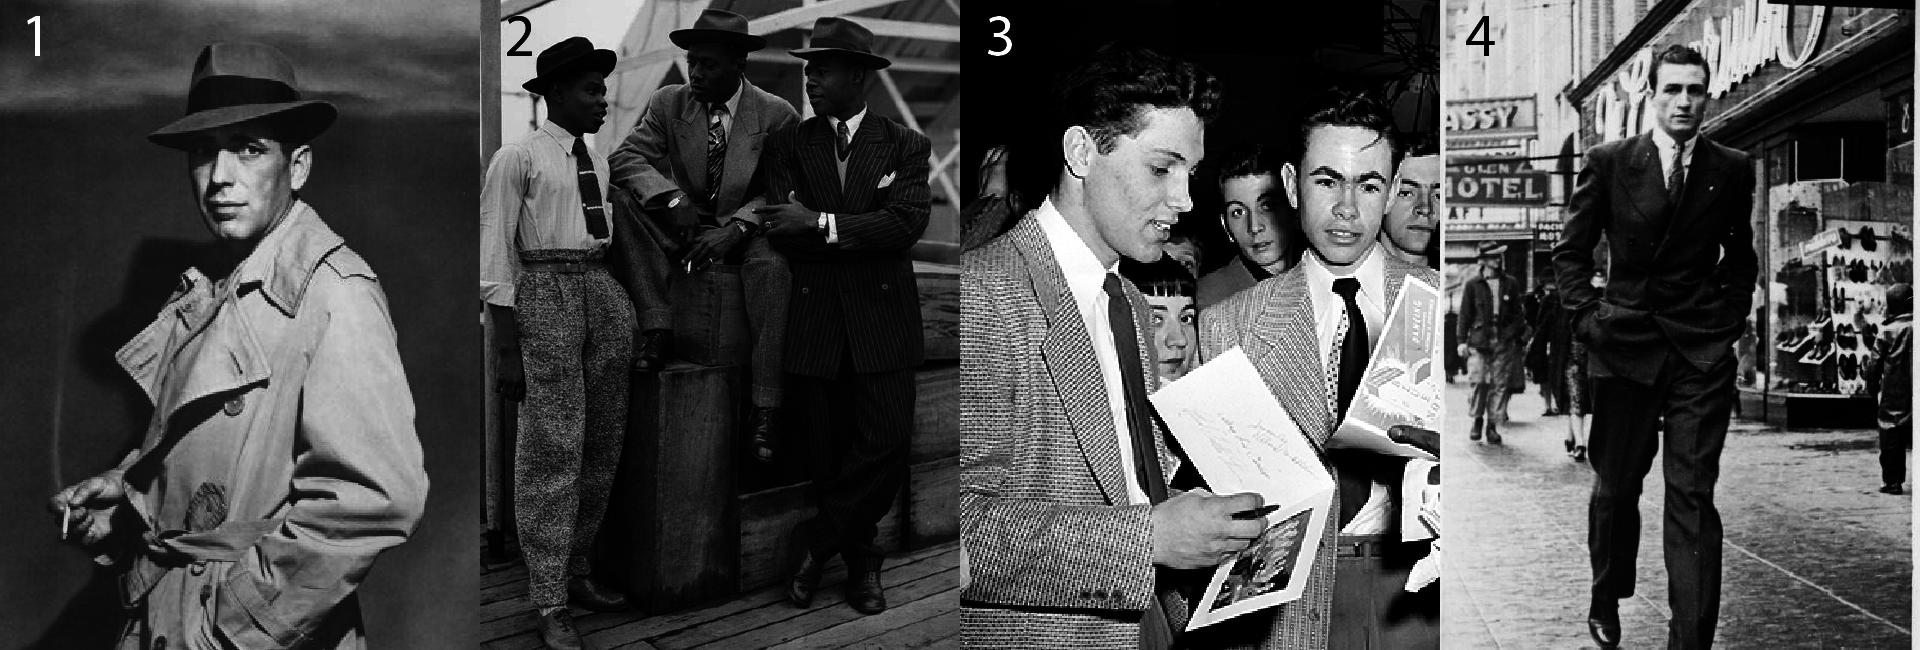 Moda męska lata 40.- Jak ubierano się w latach 40's - Strój męski lata 40's - Humprey Bogart w trenczu lata 40. - Hipsterzy - Hipster - Garnitur typu zoot